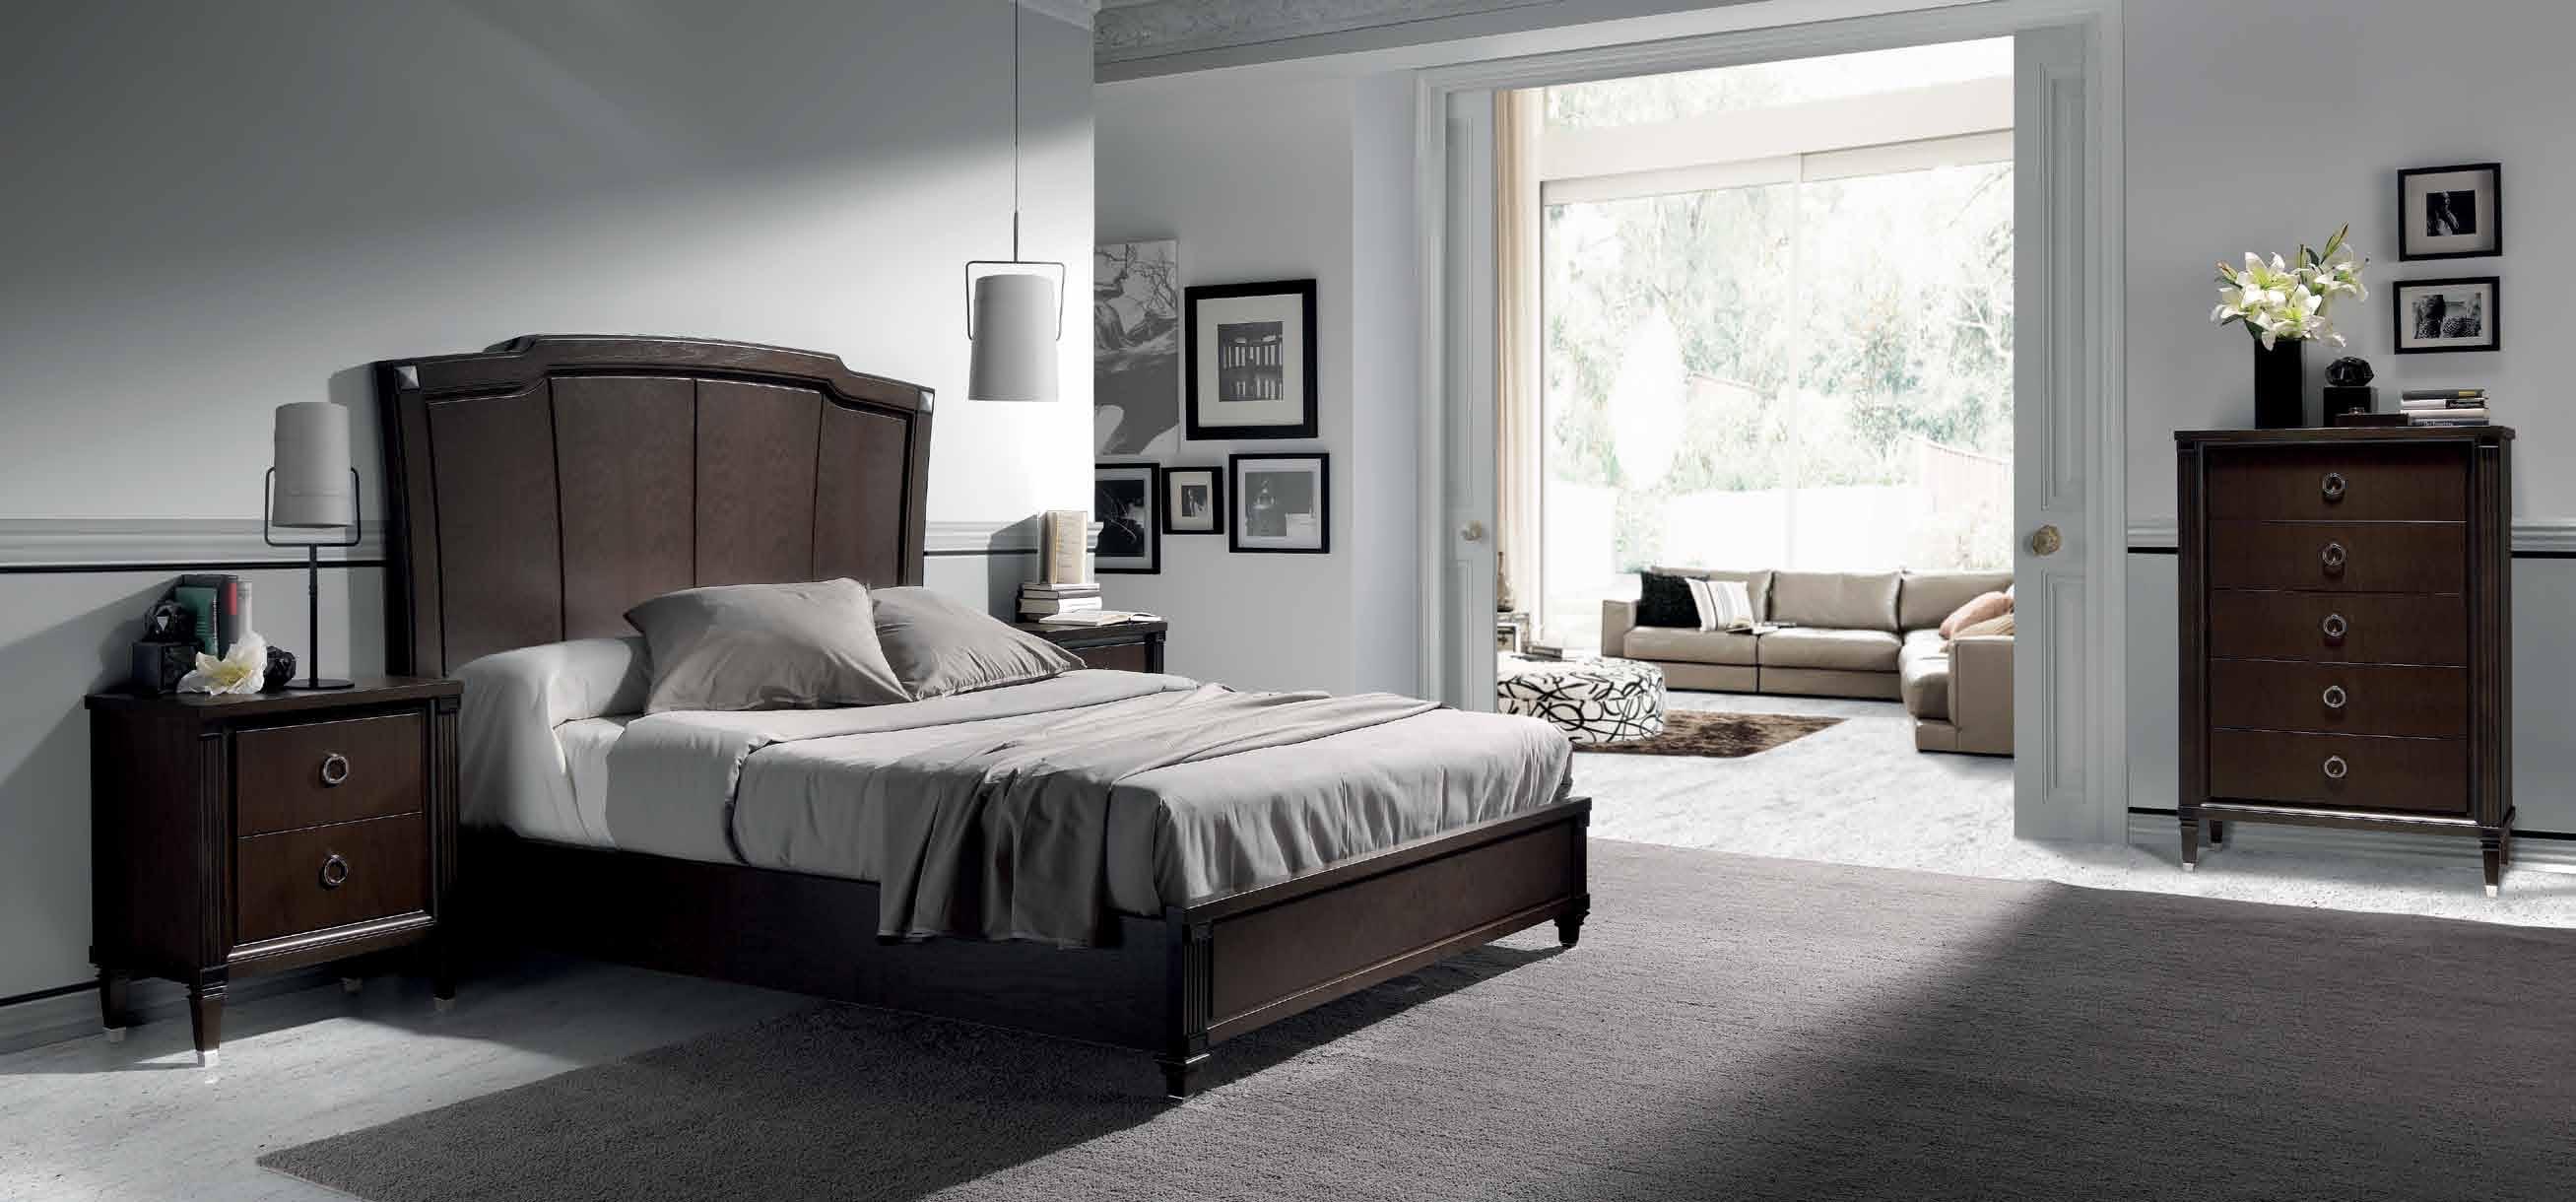 978-dormitorio-t-10